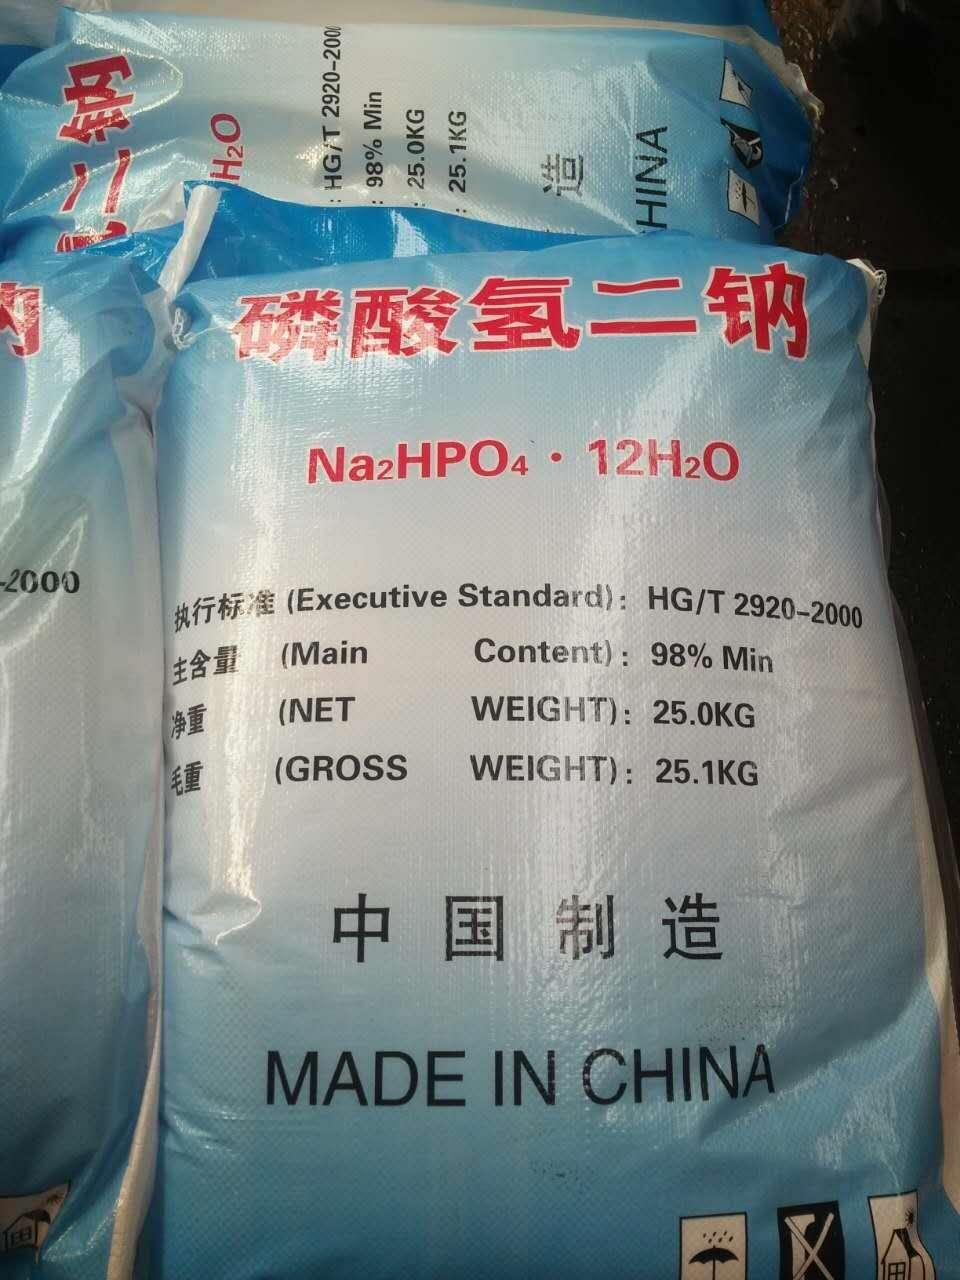 磷酸氢二钠现货-磷酸氢二钠厂家-磷酸氢二钠批发-【显丰化工】